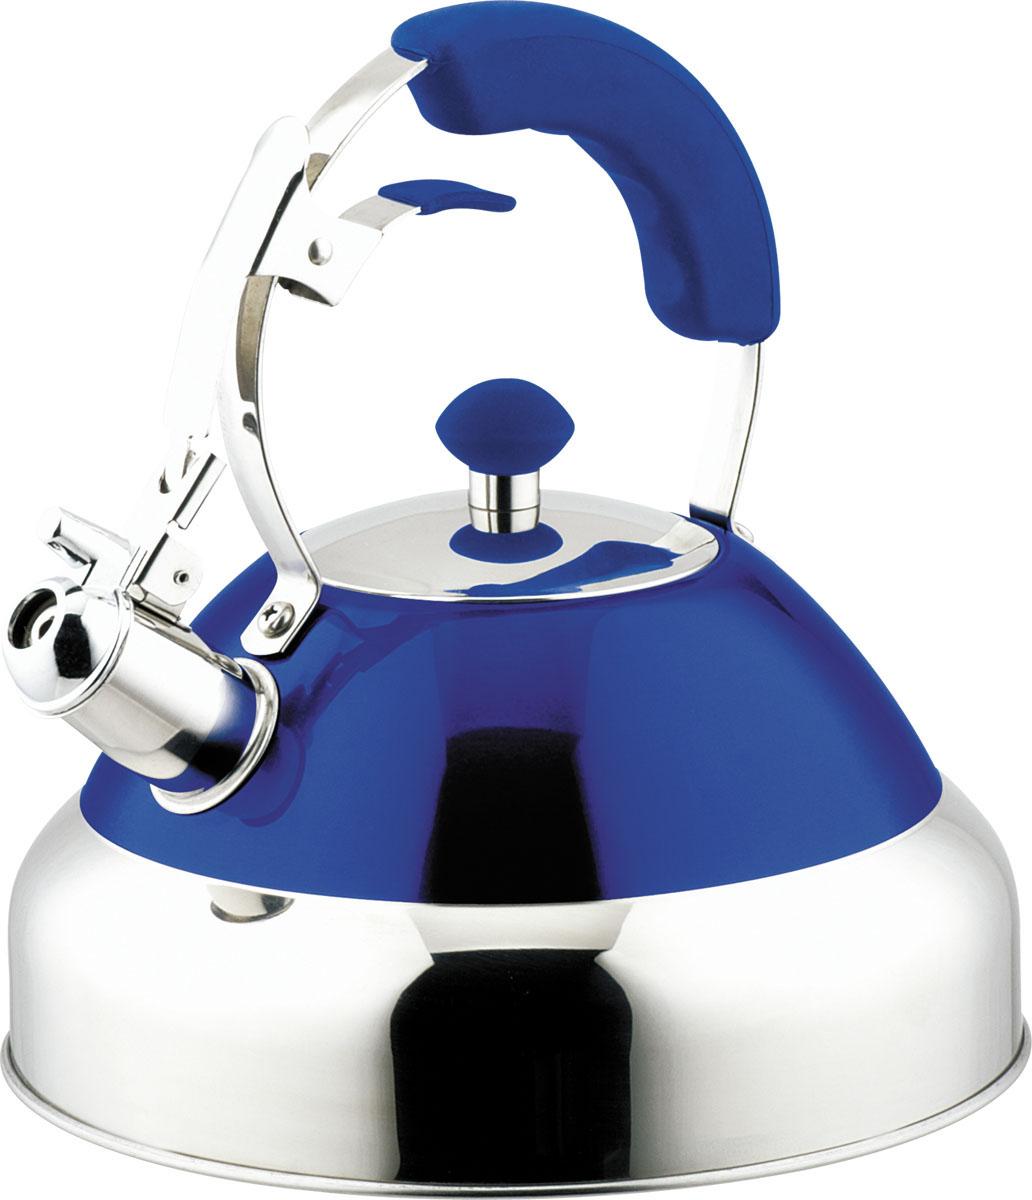 Чайник Bohmann со свистком, цвет: синий, 4 л. BH-99879987BHЧайник Bohmann изготовлен из высококачественной нержавеющей стали с зеркальной полировкой и оформлен цветной эмалью. Нержавеющая сталь - материал, из которого в течение нескольких десятилетий во всем мире производятся столовые приборы, кухонные инструменты и различные аксессуары. Этот материал обладает высокой стойкостью к коррозии и кислотам. Прочность, долговечность и надежность этого материала, а также первоклассная обработка обеспечивают практически неограниченный запас прочности и неизменно привлекательный внешний вид. Чайник оснащен удобной ручкой с цветной силиконовой вставкой, что предотвращает появление ожогов и обеспечивает безопасность использования. Благодаря широкому верхнему отверстию, в чайник удобно заливать воду и прочищать его изнутри. Носик чайника имеет откидной свисток для определения кипения, который открывается нажатием рычага на ручке. Можно использовать на газовых, электрических, галогенных, стеклокерамических, индукционных плитах. Можно мыть...